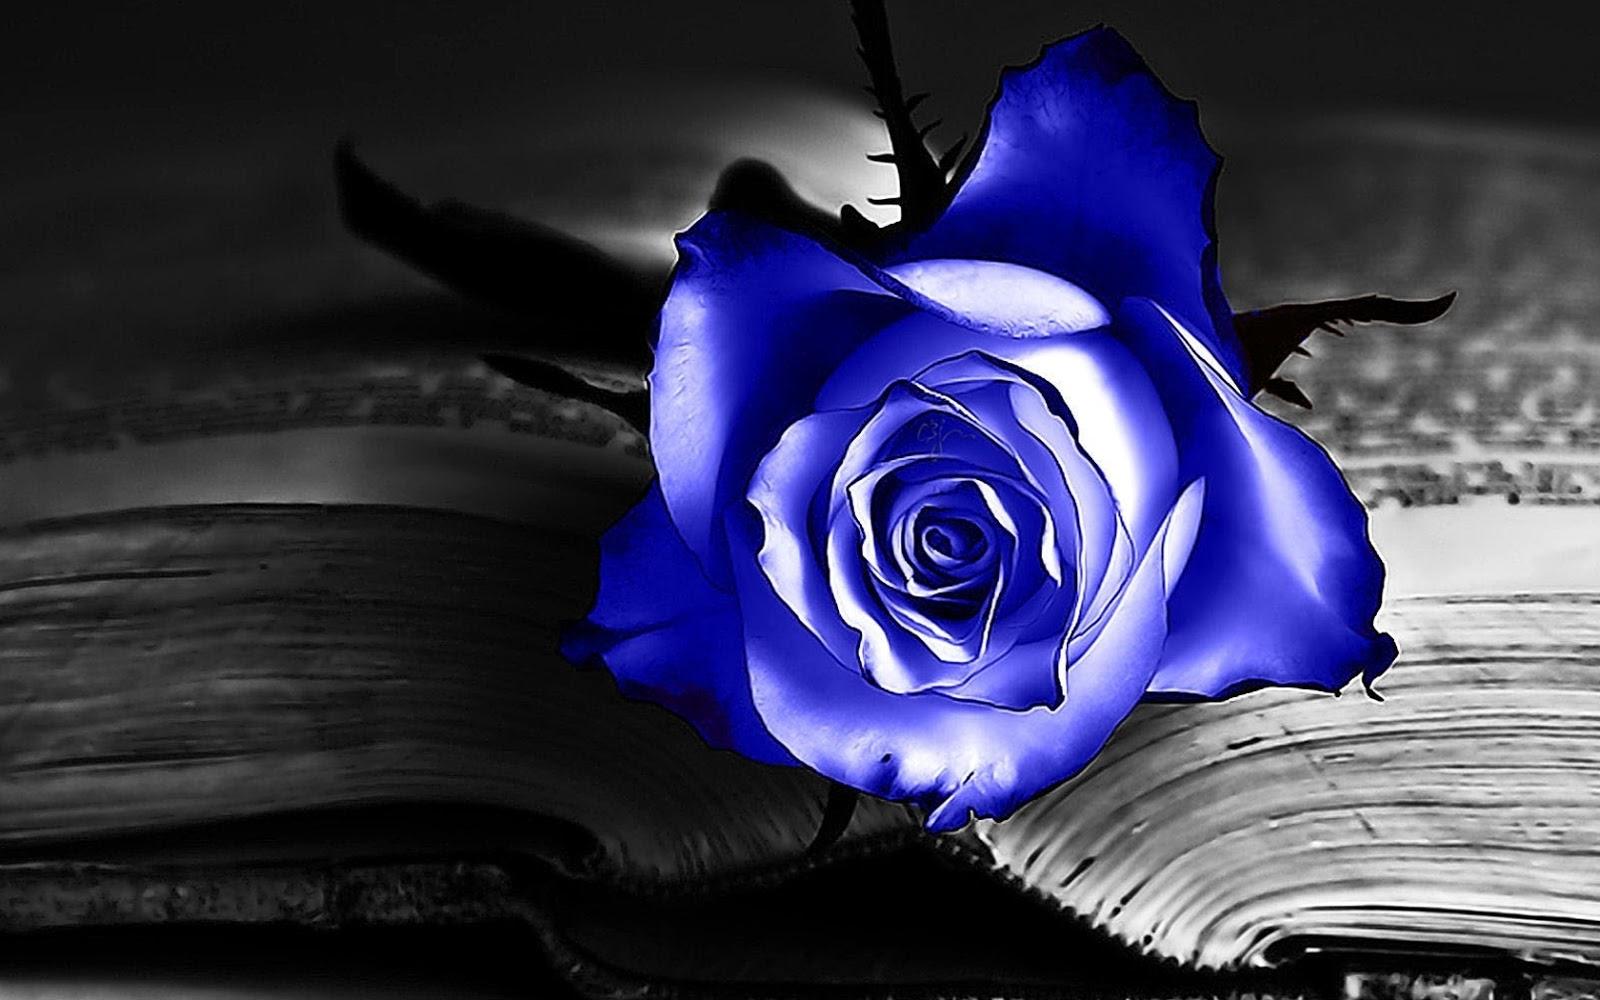 Blue Rose I Love You